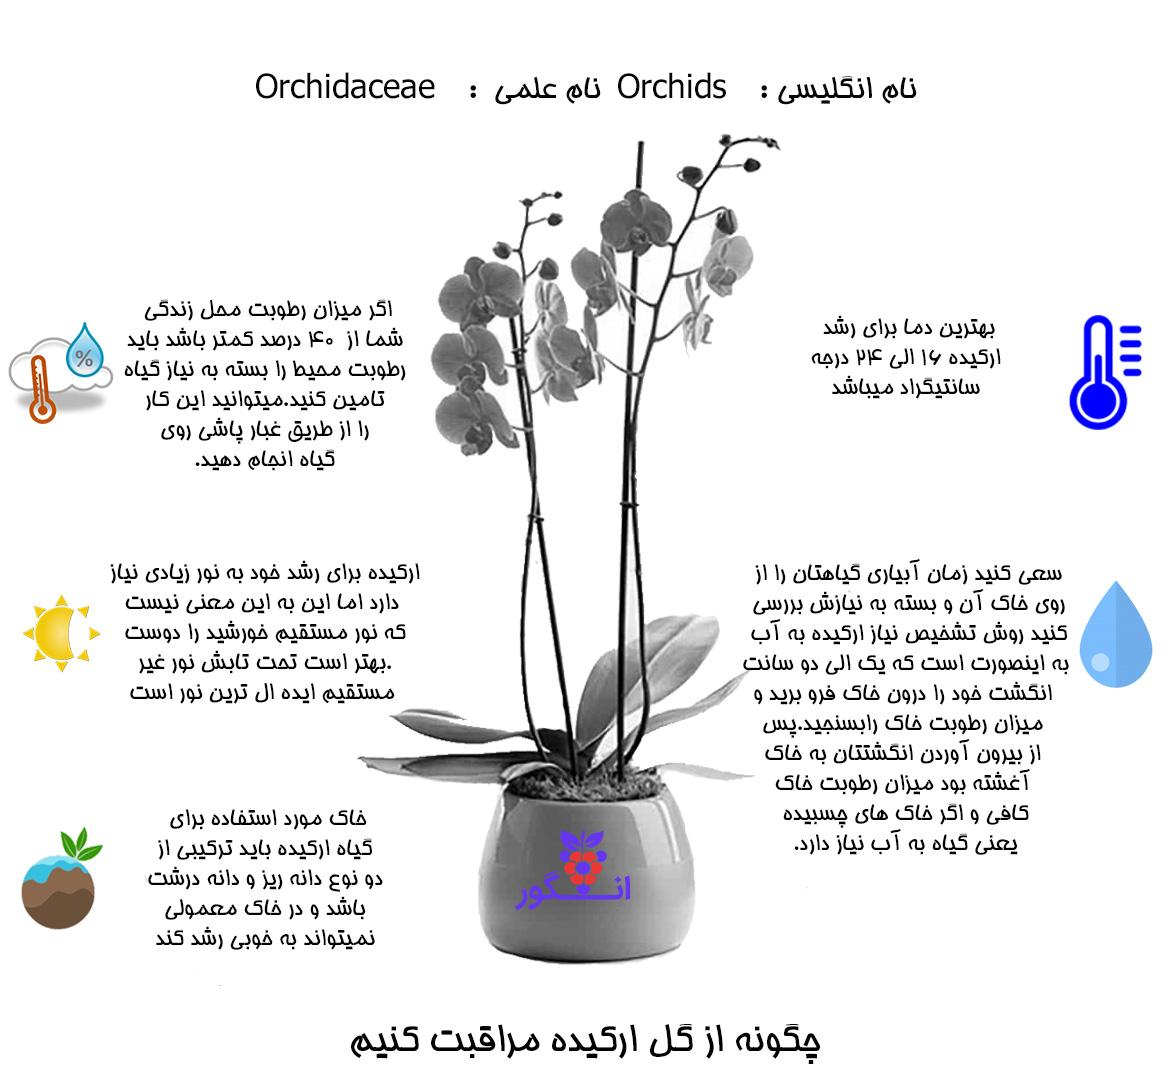 گل گلدانی ارکیده (طبیعی) Orchids